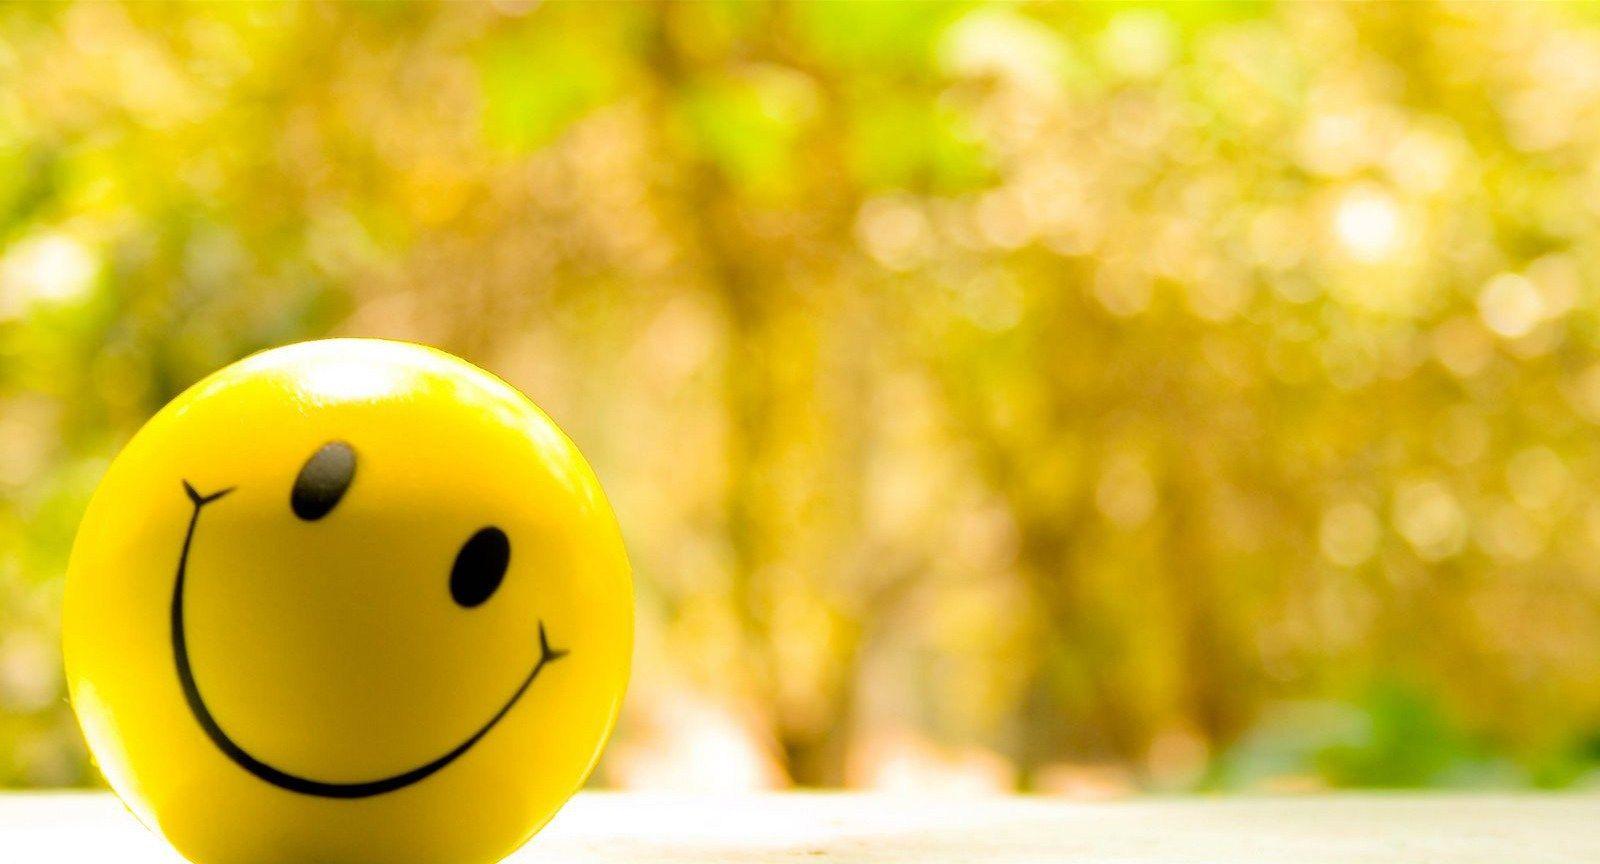 pozitif düşünce ile ilgili görsel sonucu